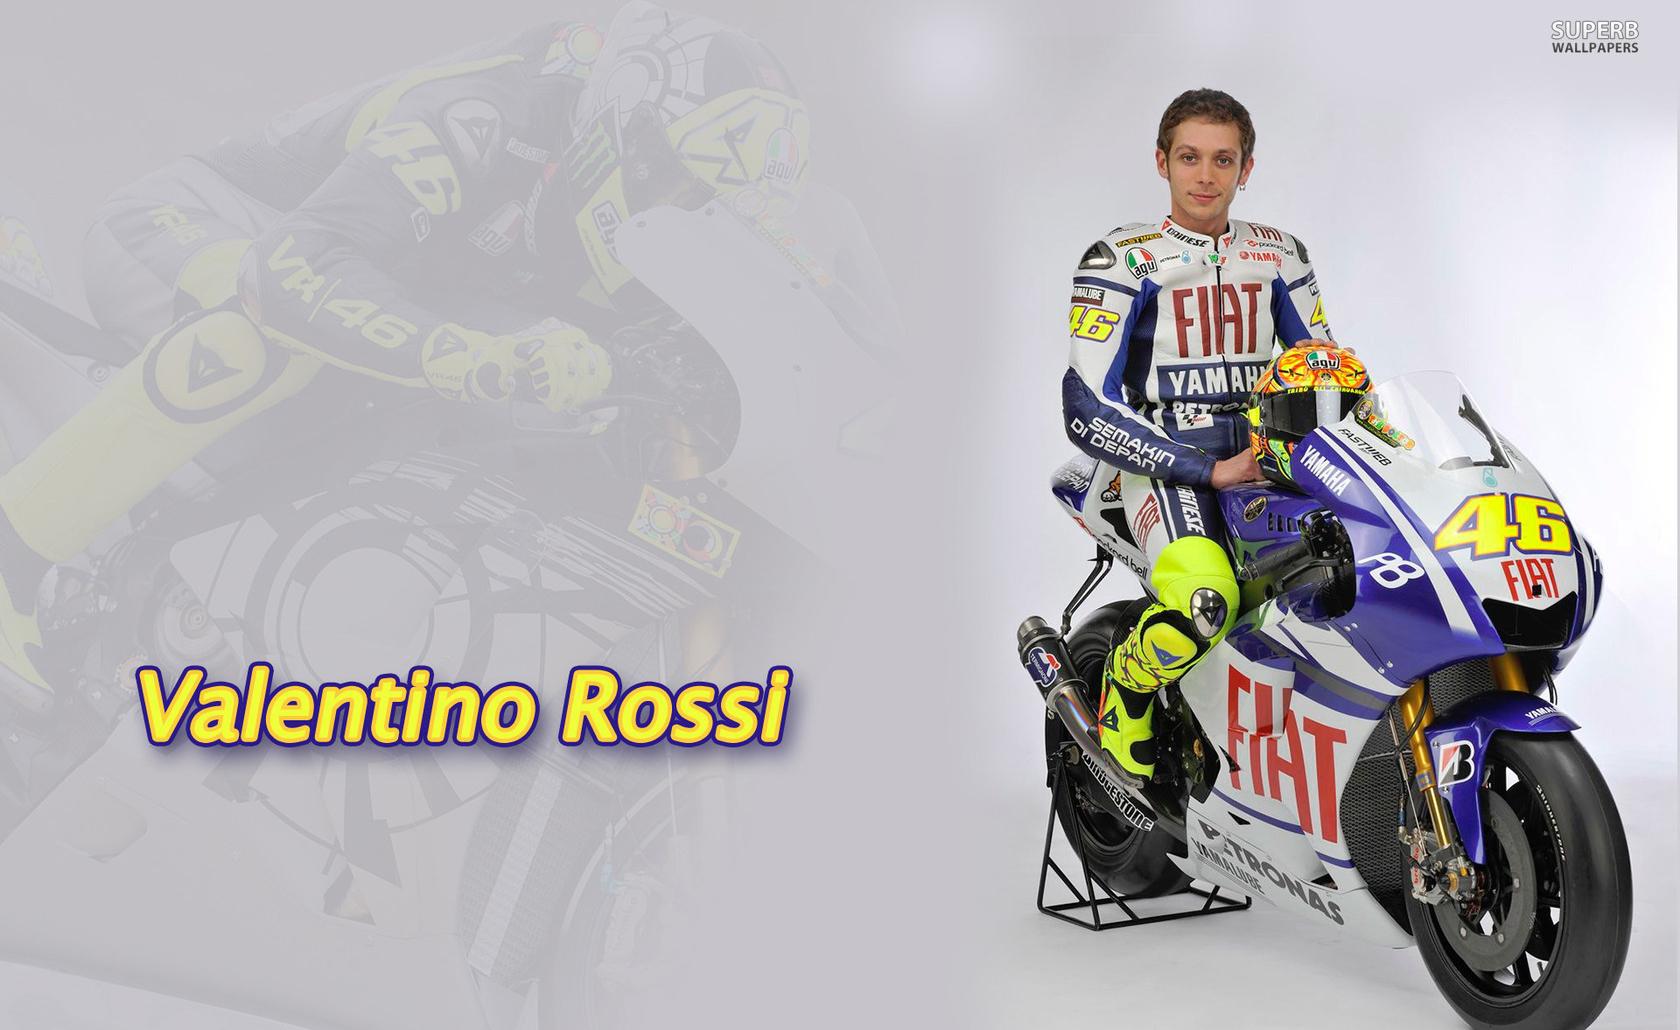 Valentino Rossi MotoGP Picture Desktop HD   Wide Screen Wallpaper 1080p,2K,4K